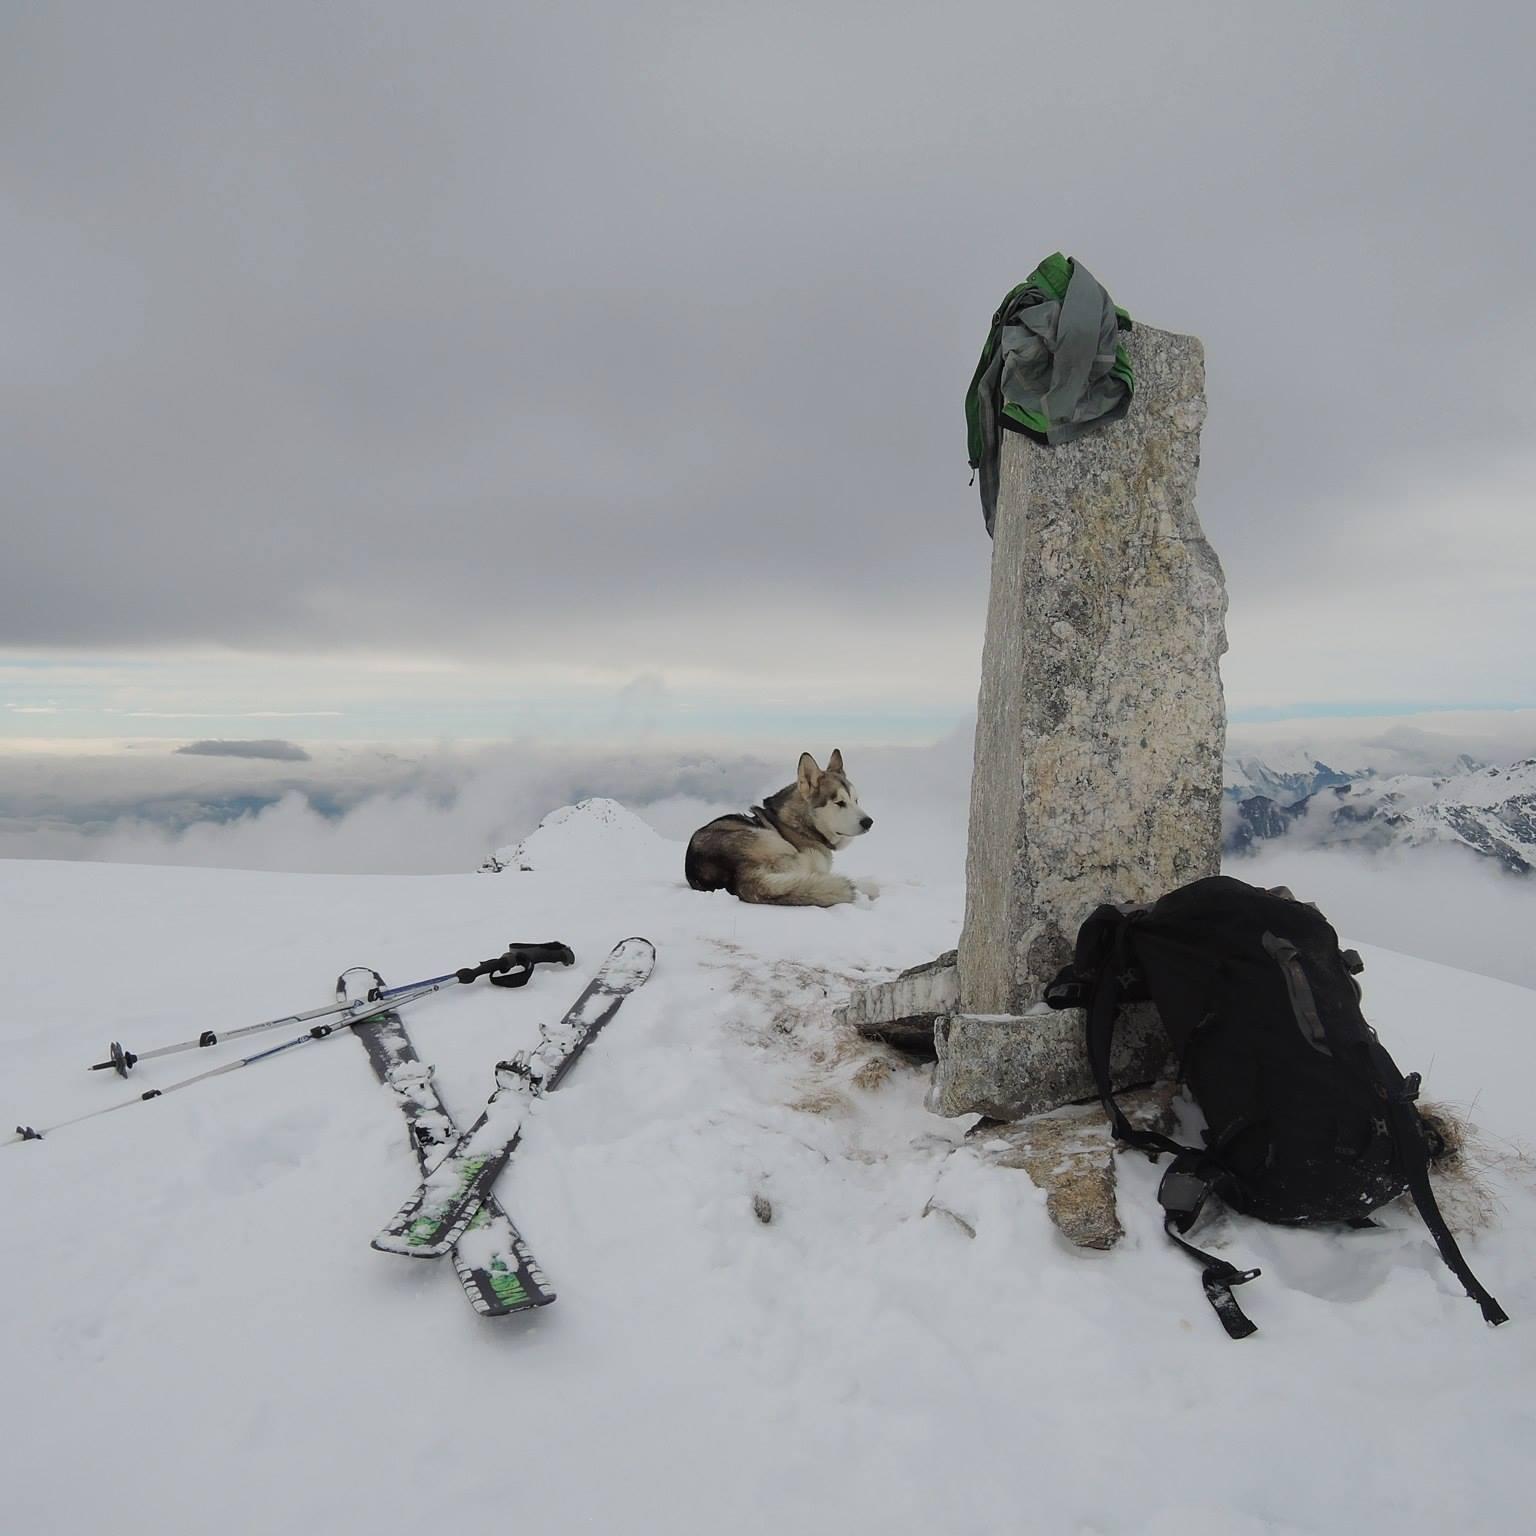 L'incredibile avventura di Andreas e dei suoi cani: dalla Danimarca all'Italia correndo